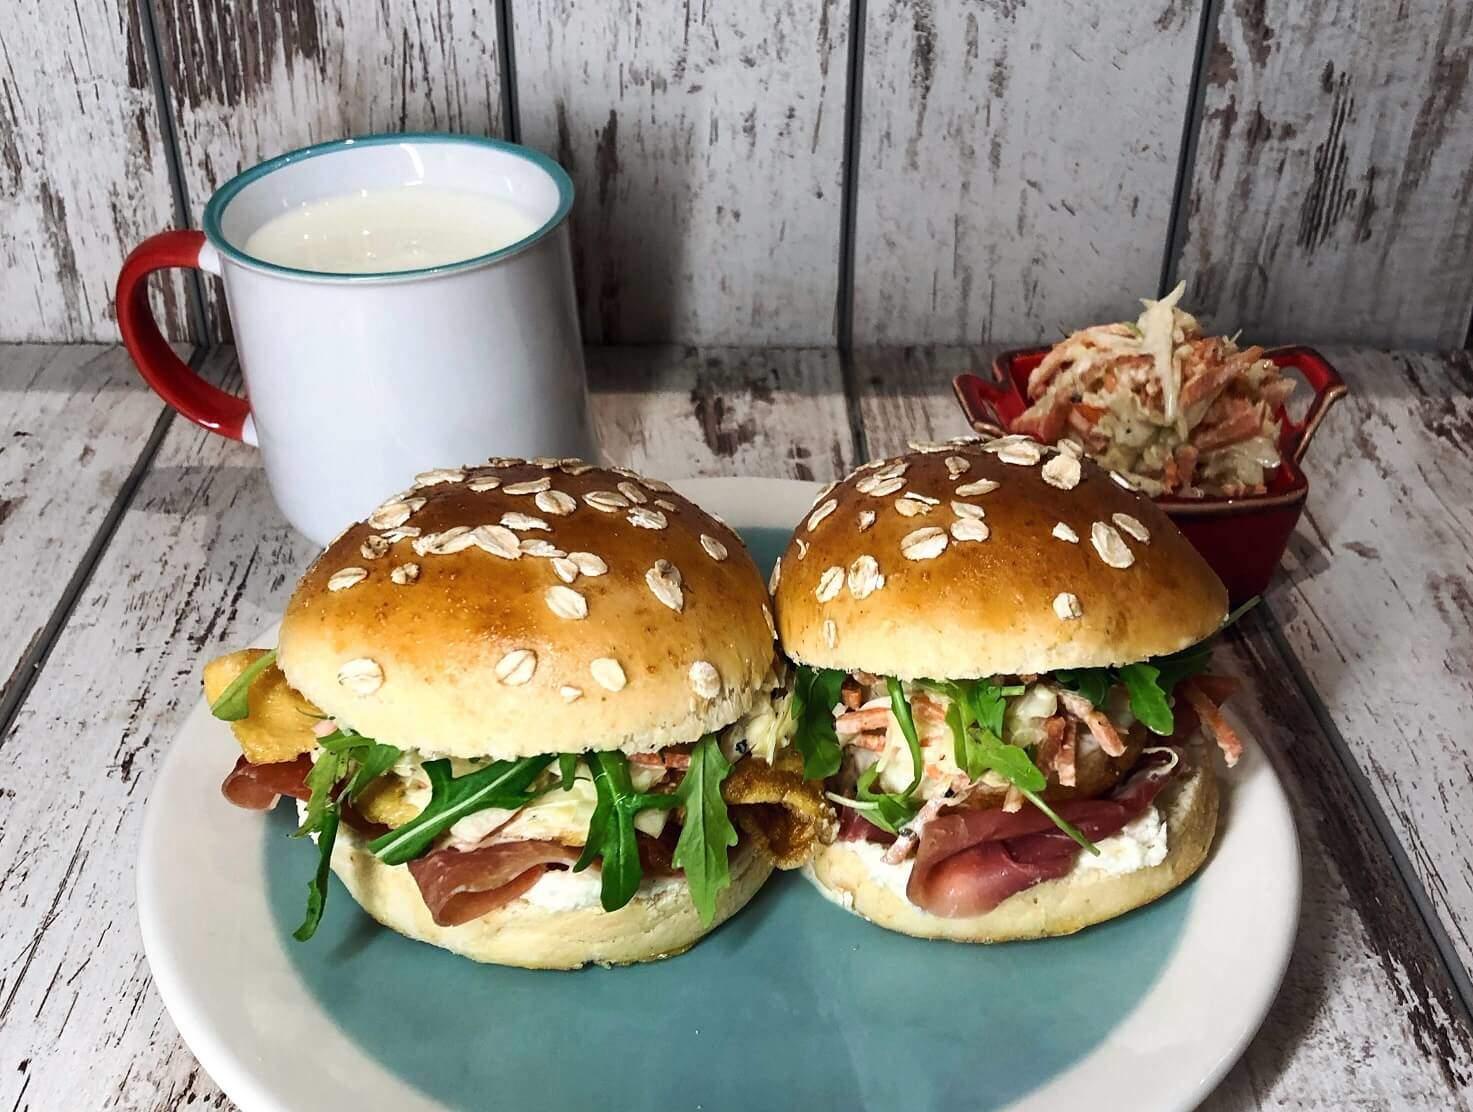 coleslaw-coleslaw salata-salata-koleslav-kolejslav-zemičke-hleb-domaće zemičke-pecivo-testo-zdravo-obrok-jelo-ručak-večera-recept-predjelo-prilog-mila's homemade-klub zdravih navika